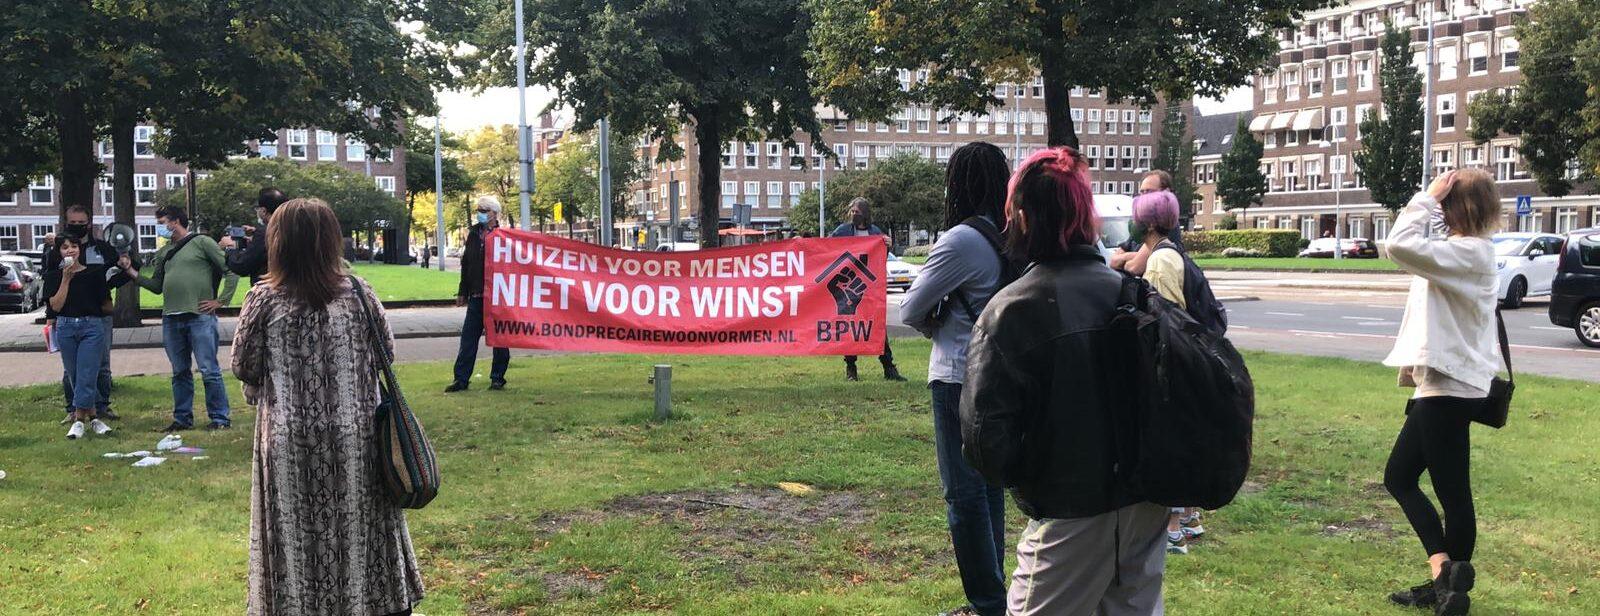 Protest tegen criminele huisjesmelkers in Amsterdam